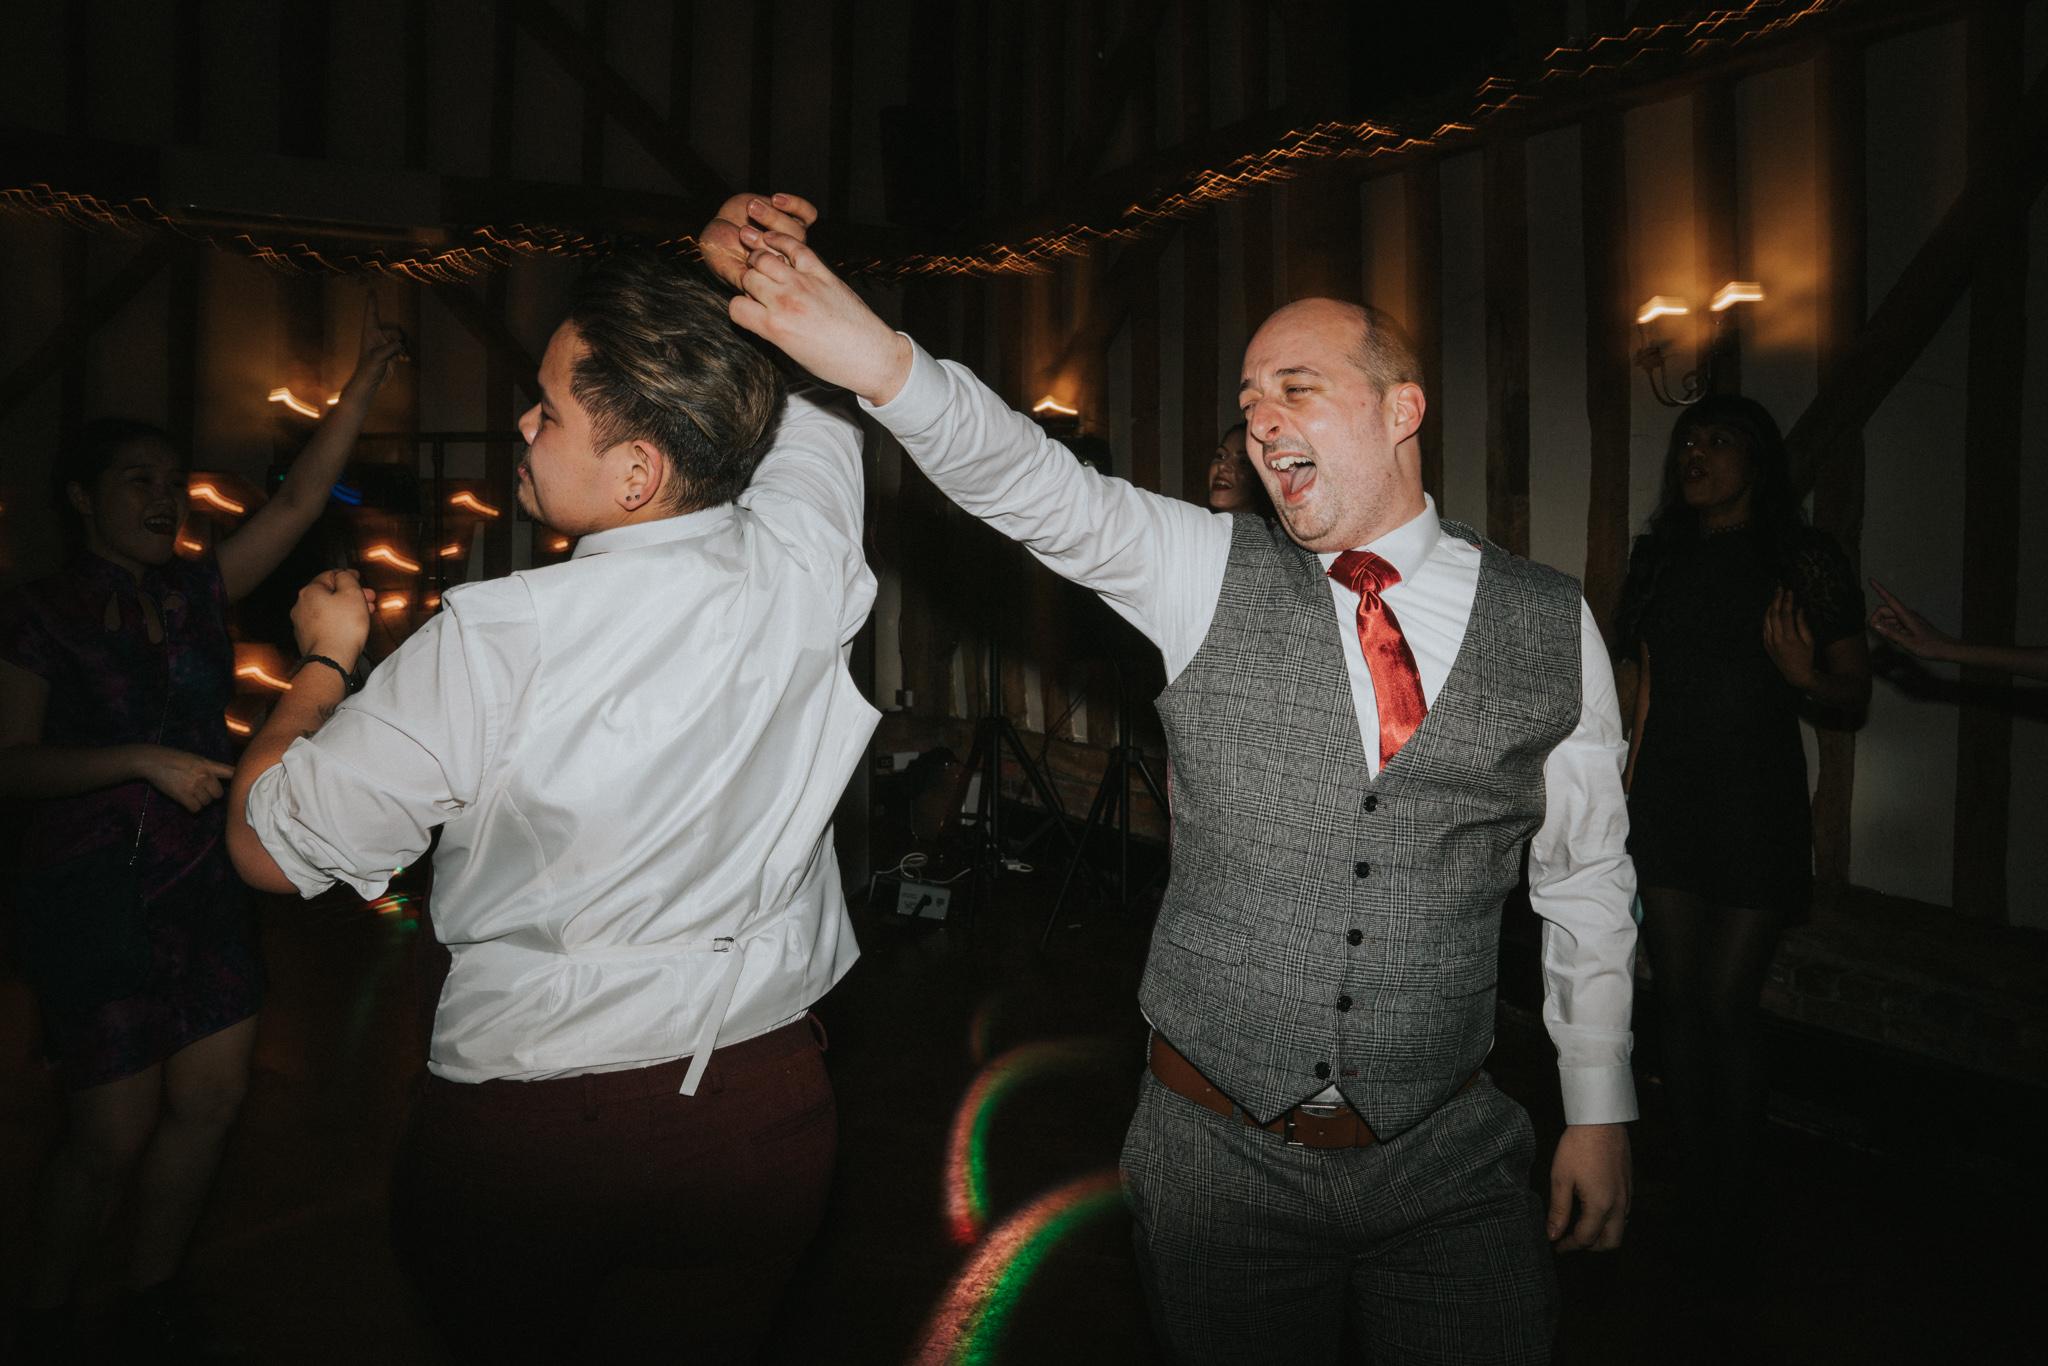 mark-laurence-crondon-park-same-sex-wedding-grace-elizabeth-colchester-essex-alternative-wedding-photographer-suffolk-norfolk-devon (31 of 33).jpg